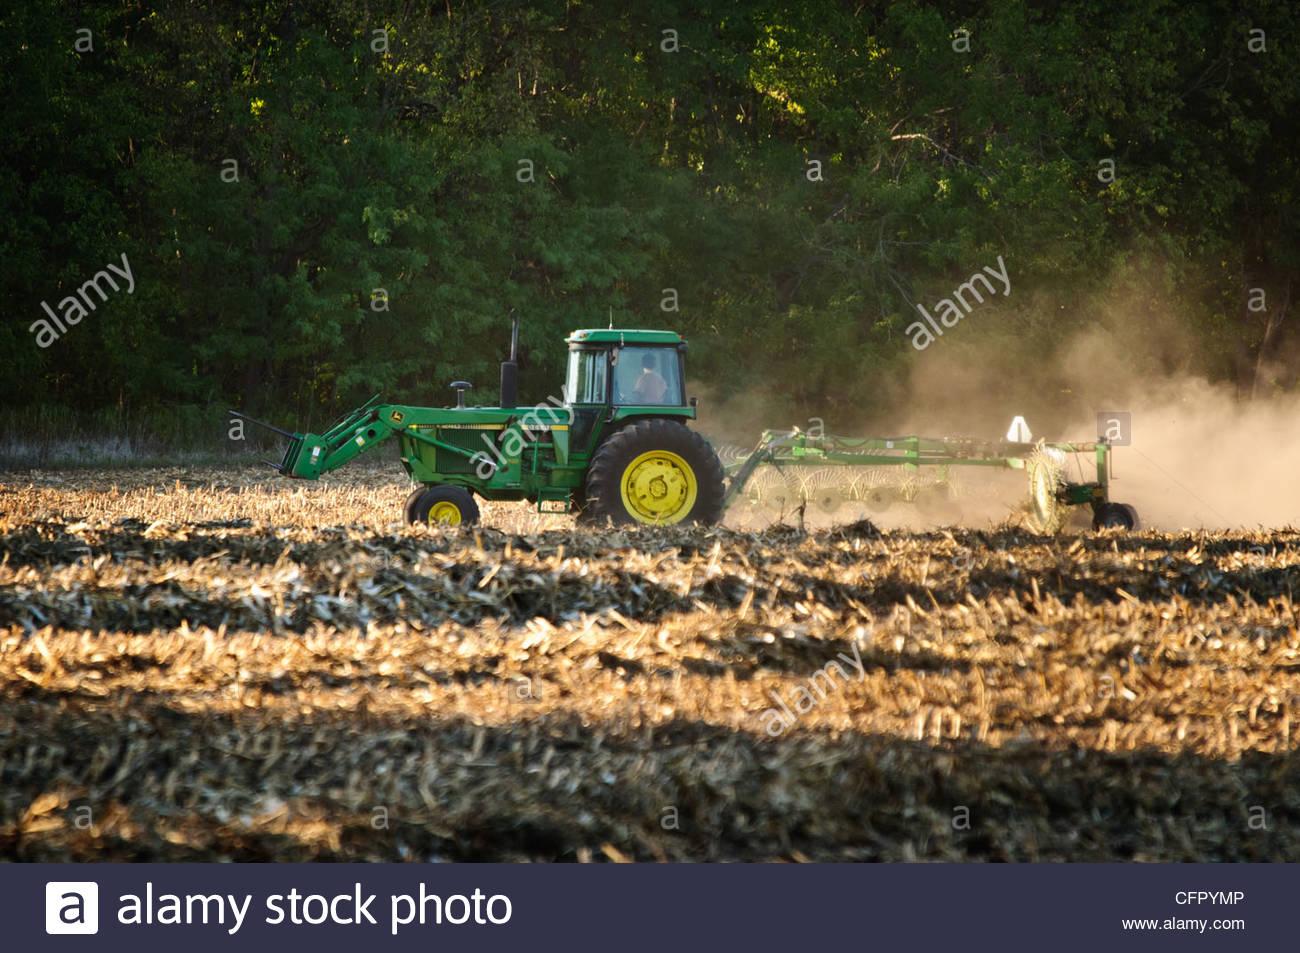 John Deere Tractor using rake wheel on field, Rural Butler County, Sept 22, 2011 - Stock Image